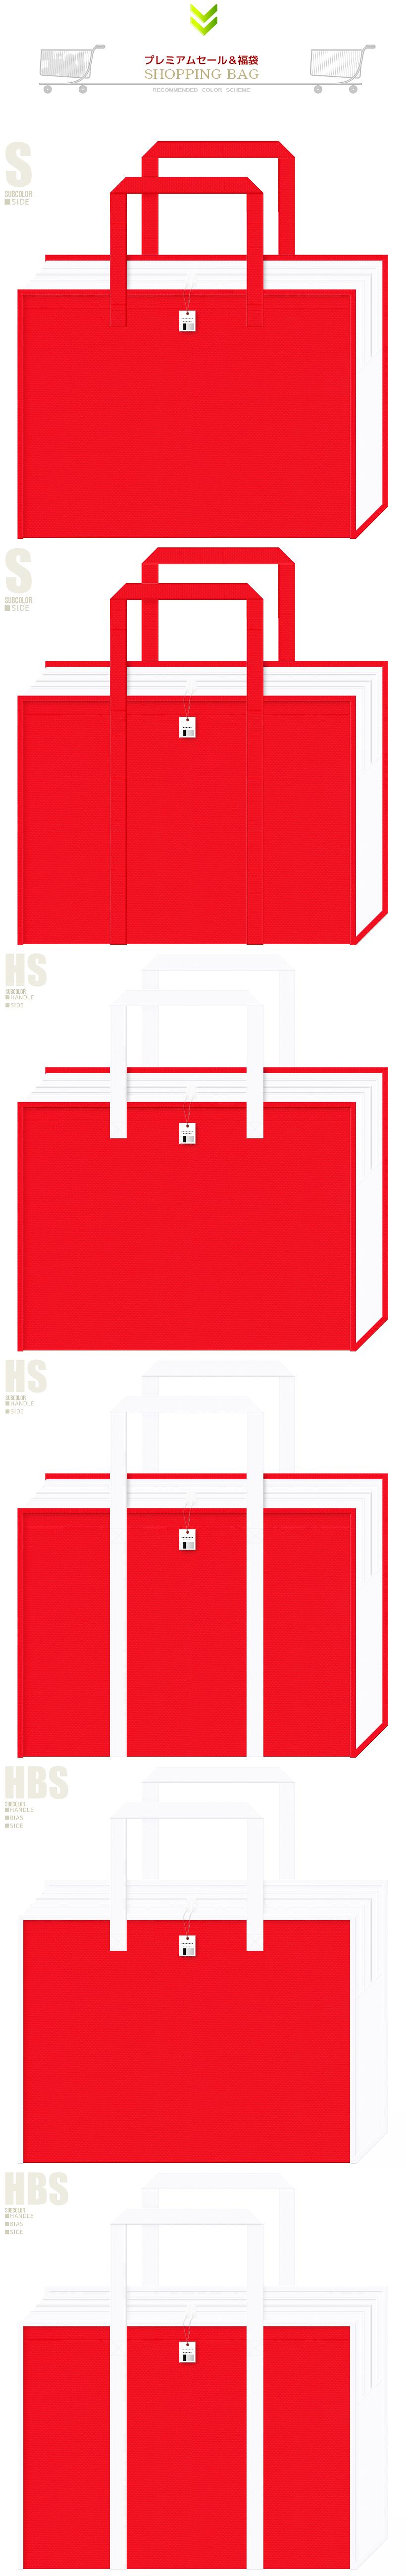 赤色と白色の不織布バッグデザイン(ファスナー付き):クリスマスセールのショッピングバッグにお奨めです。